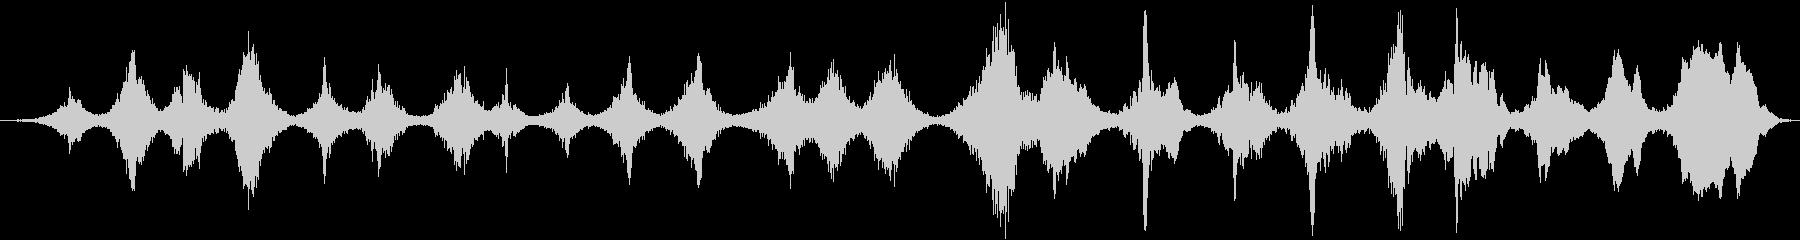 スロースパイラルトーンドローンの未再生の波形